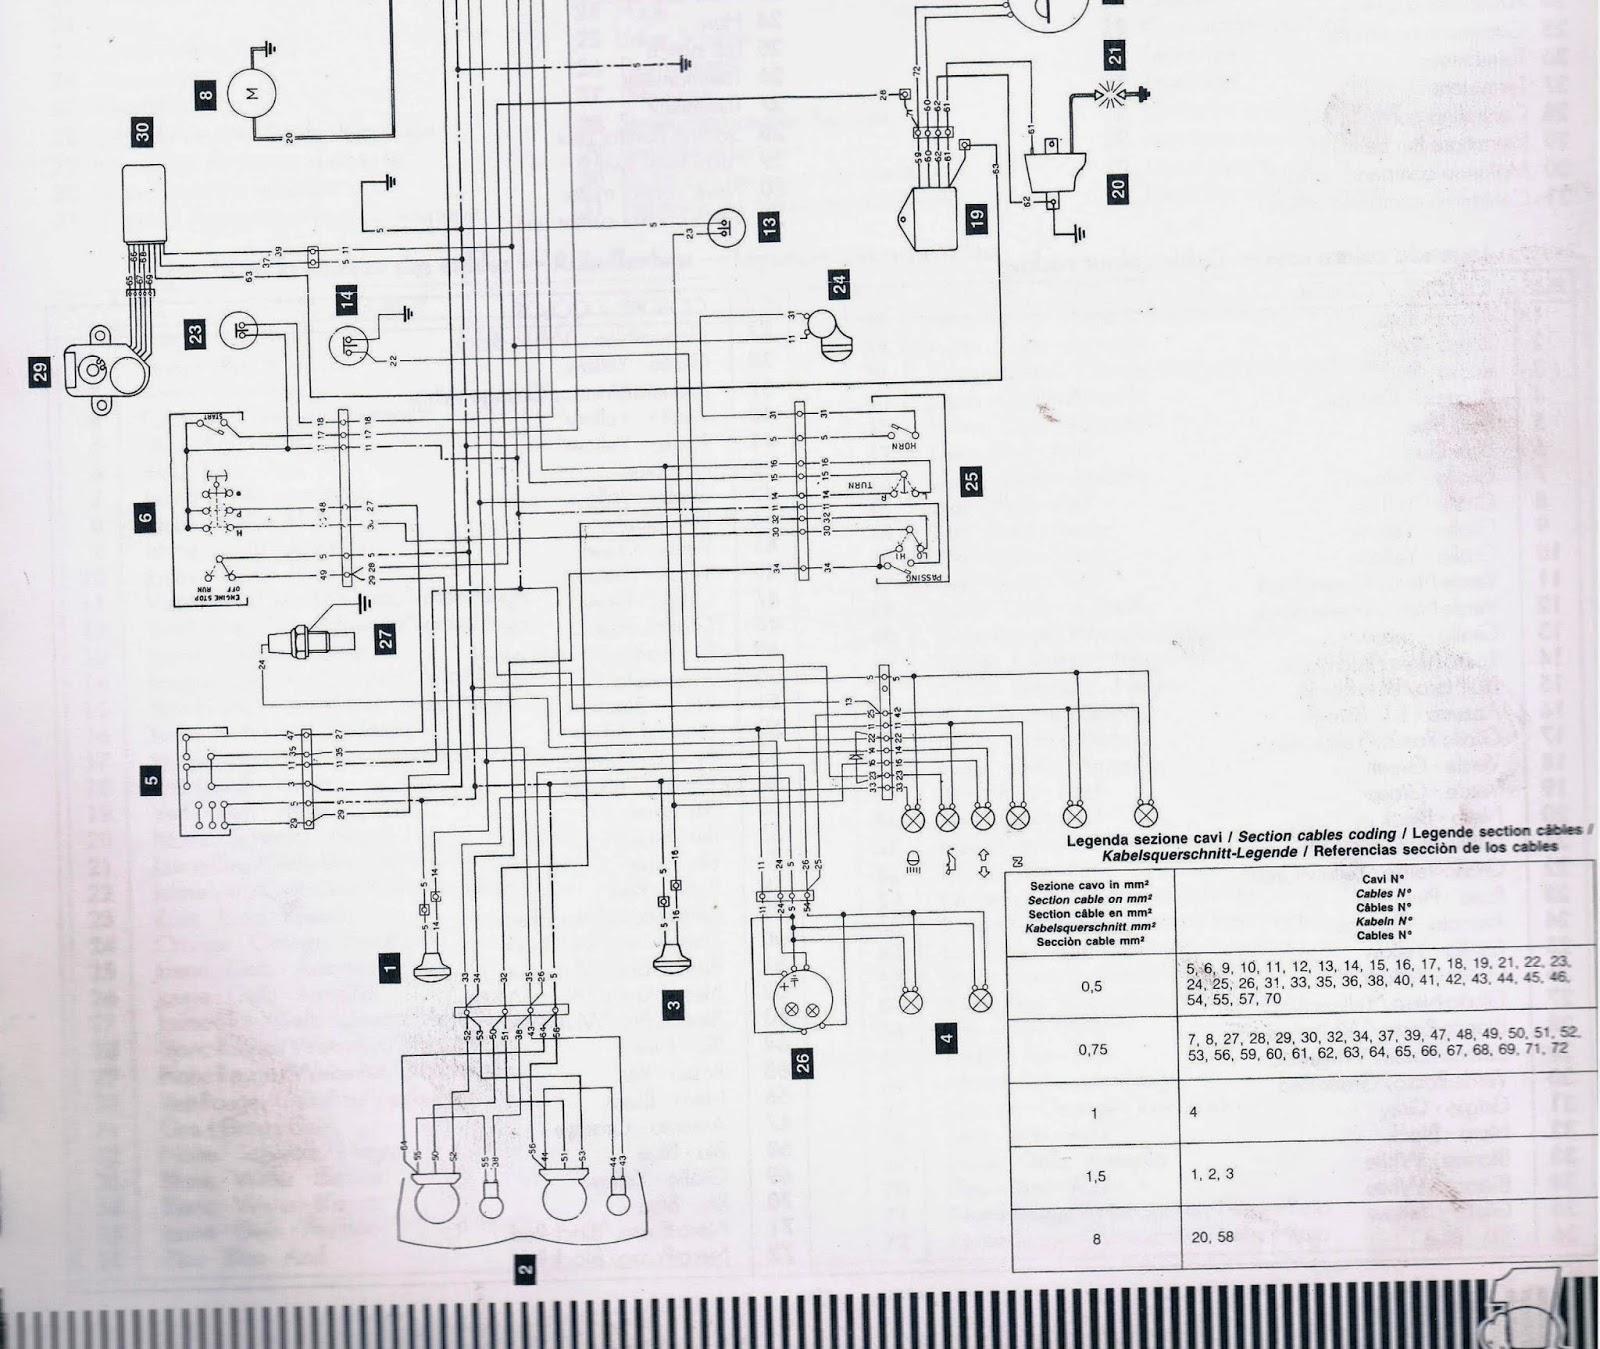 small resolution of cagiva mito 125 cagiva mito 125 wiring diagrams electrics cagiva mito 125 cagiva mito power valve wiring